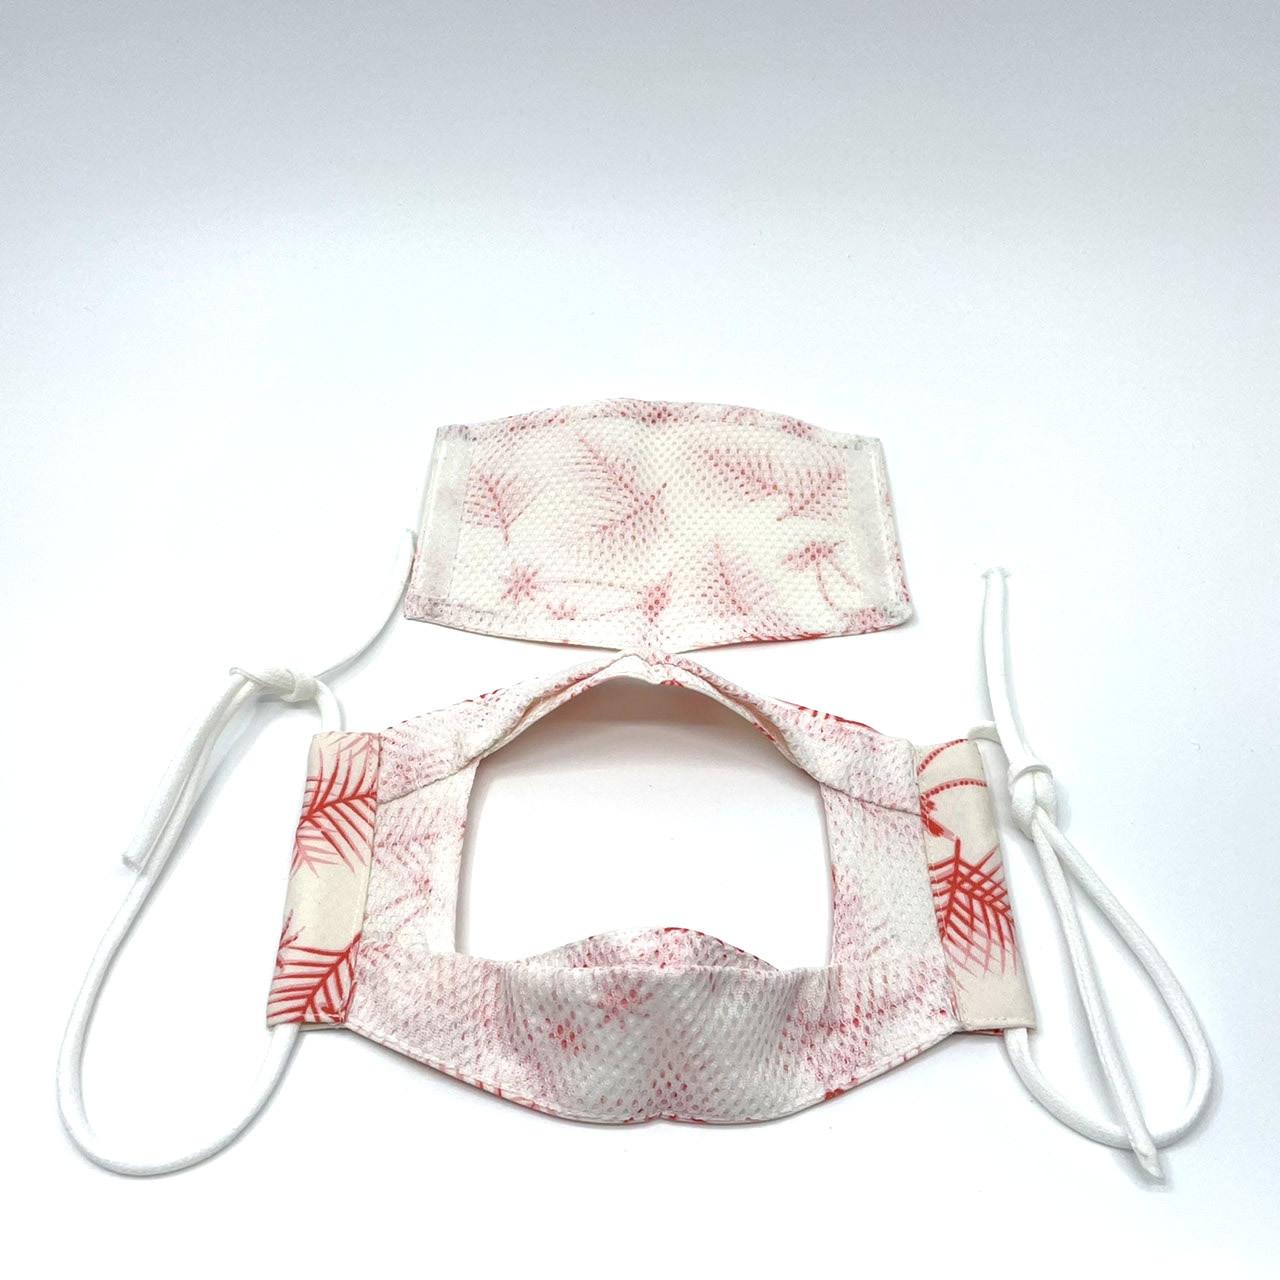 日本初!食事の時に使用するマスク!『イートマスク』②持ち運びも便利(マスクカバー付)【全国送料無料】